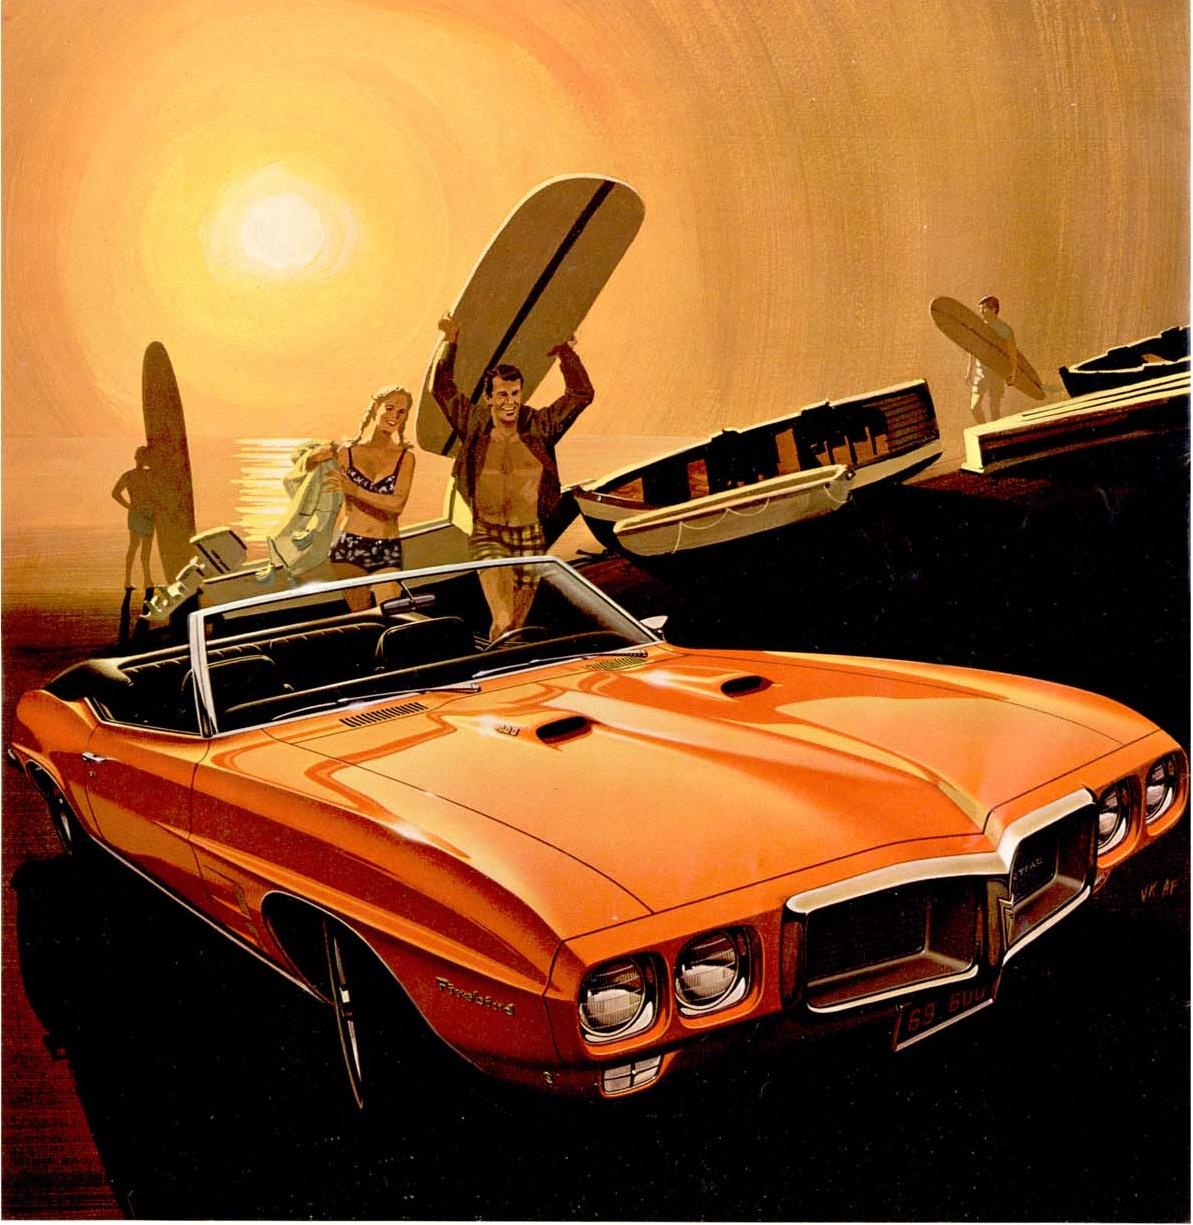 1969 Firebird 400 Convertible